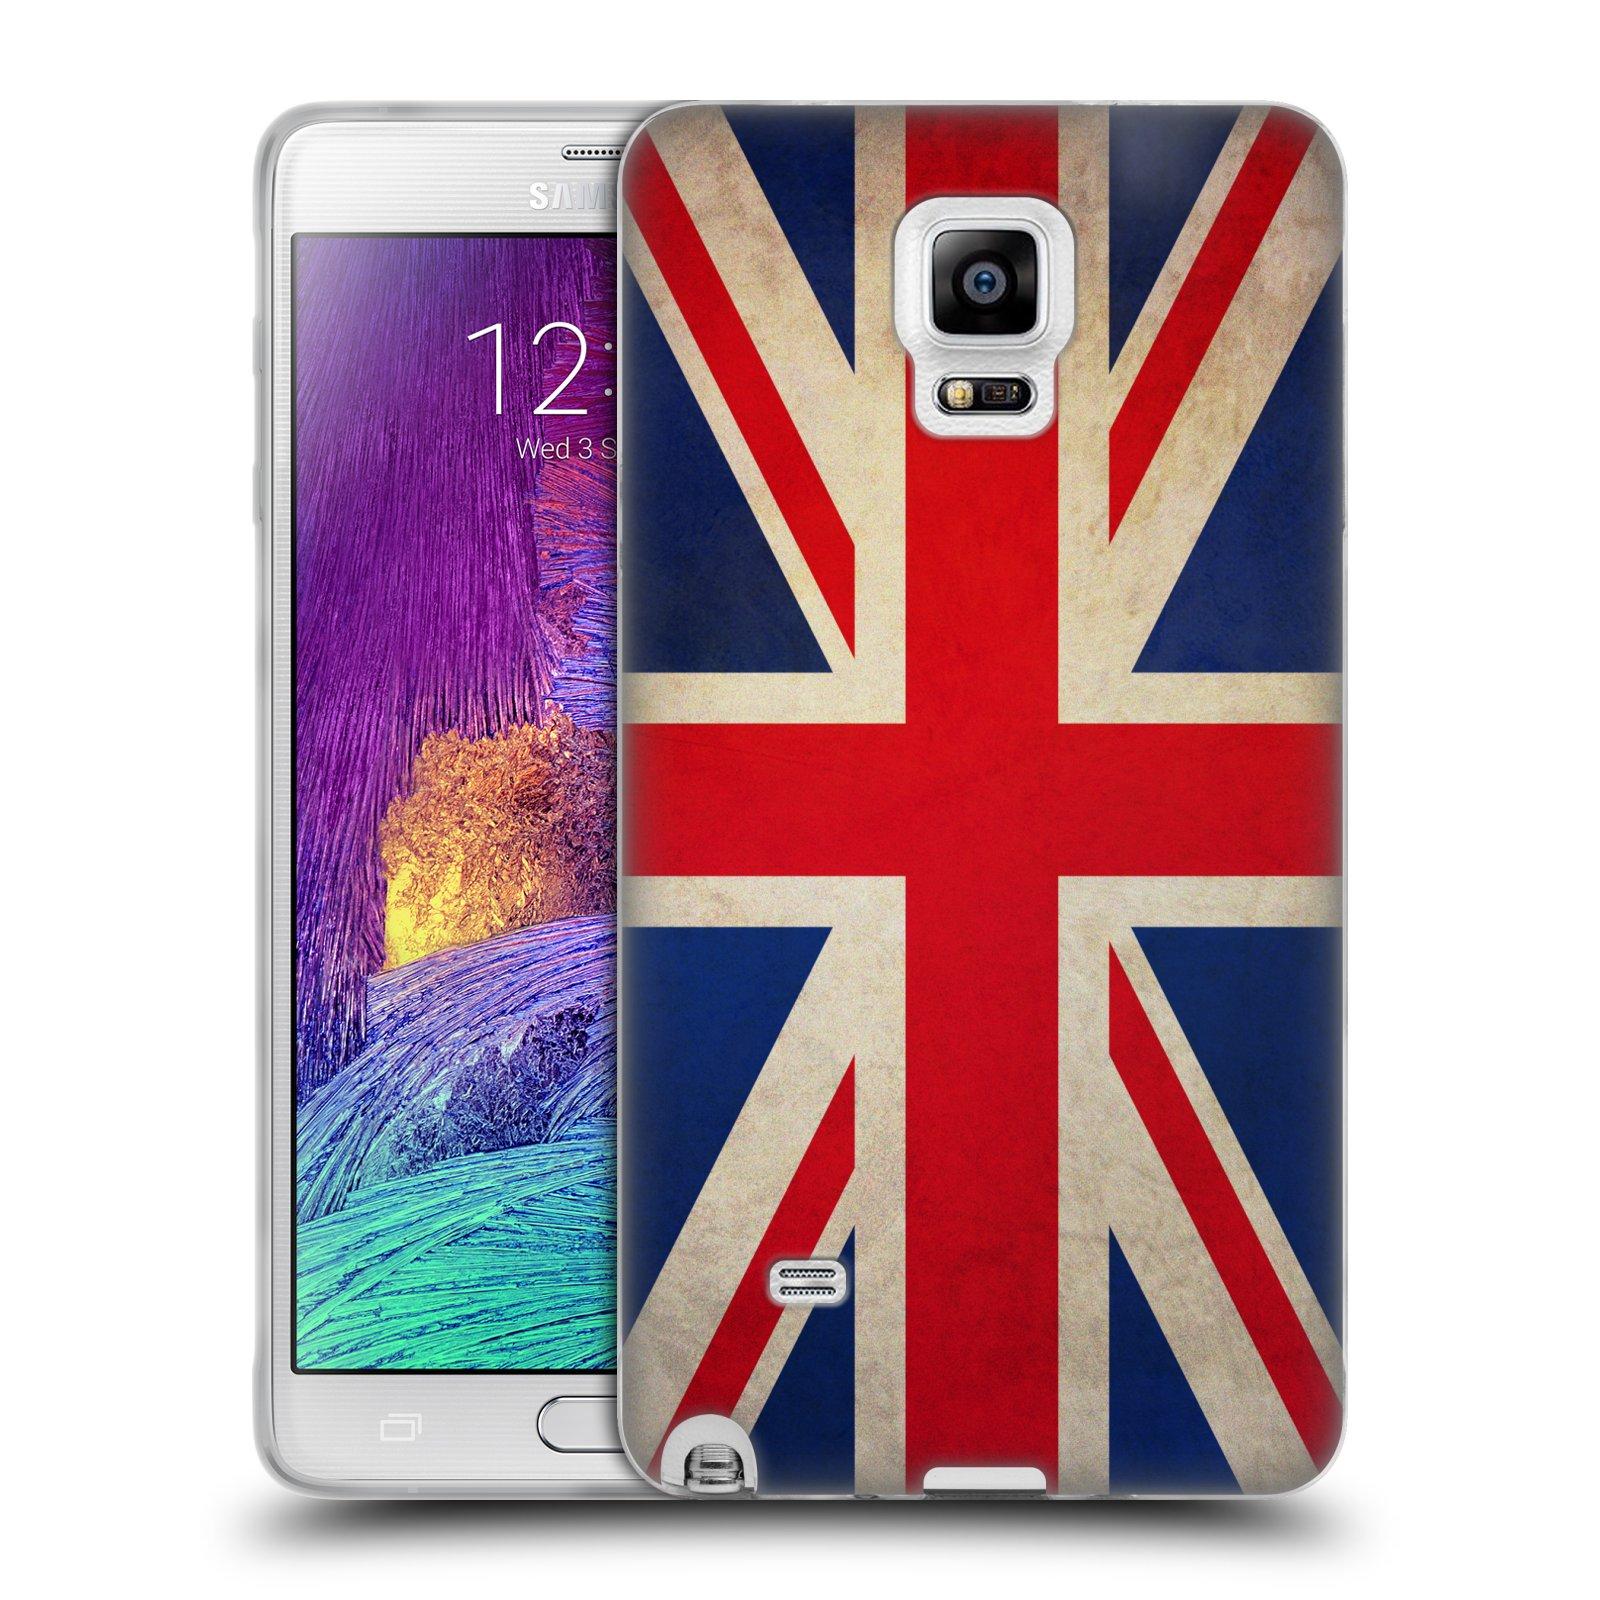 HEAD CASE silikonový obal na mobil Samsung Galaxy Note 4 (N910) vzor VINTAGE VLAJKY VELKÁ BRITÁNIE